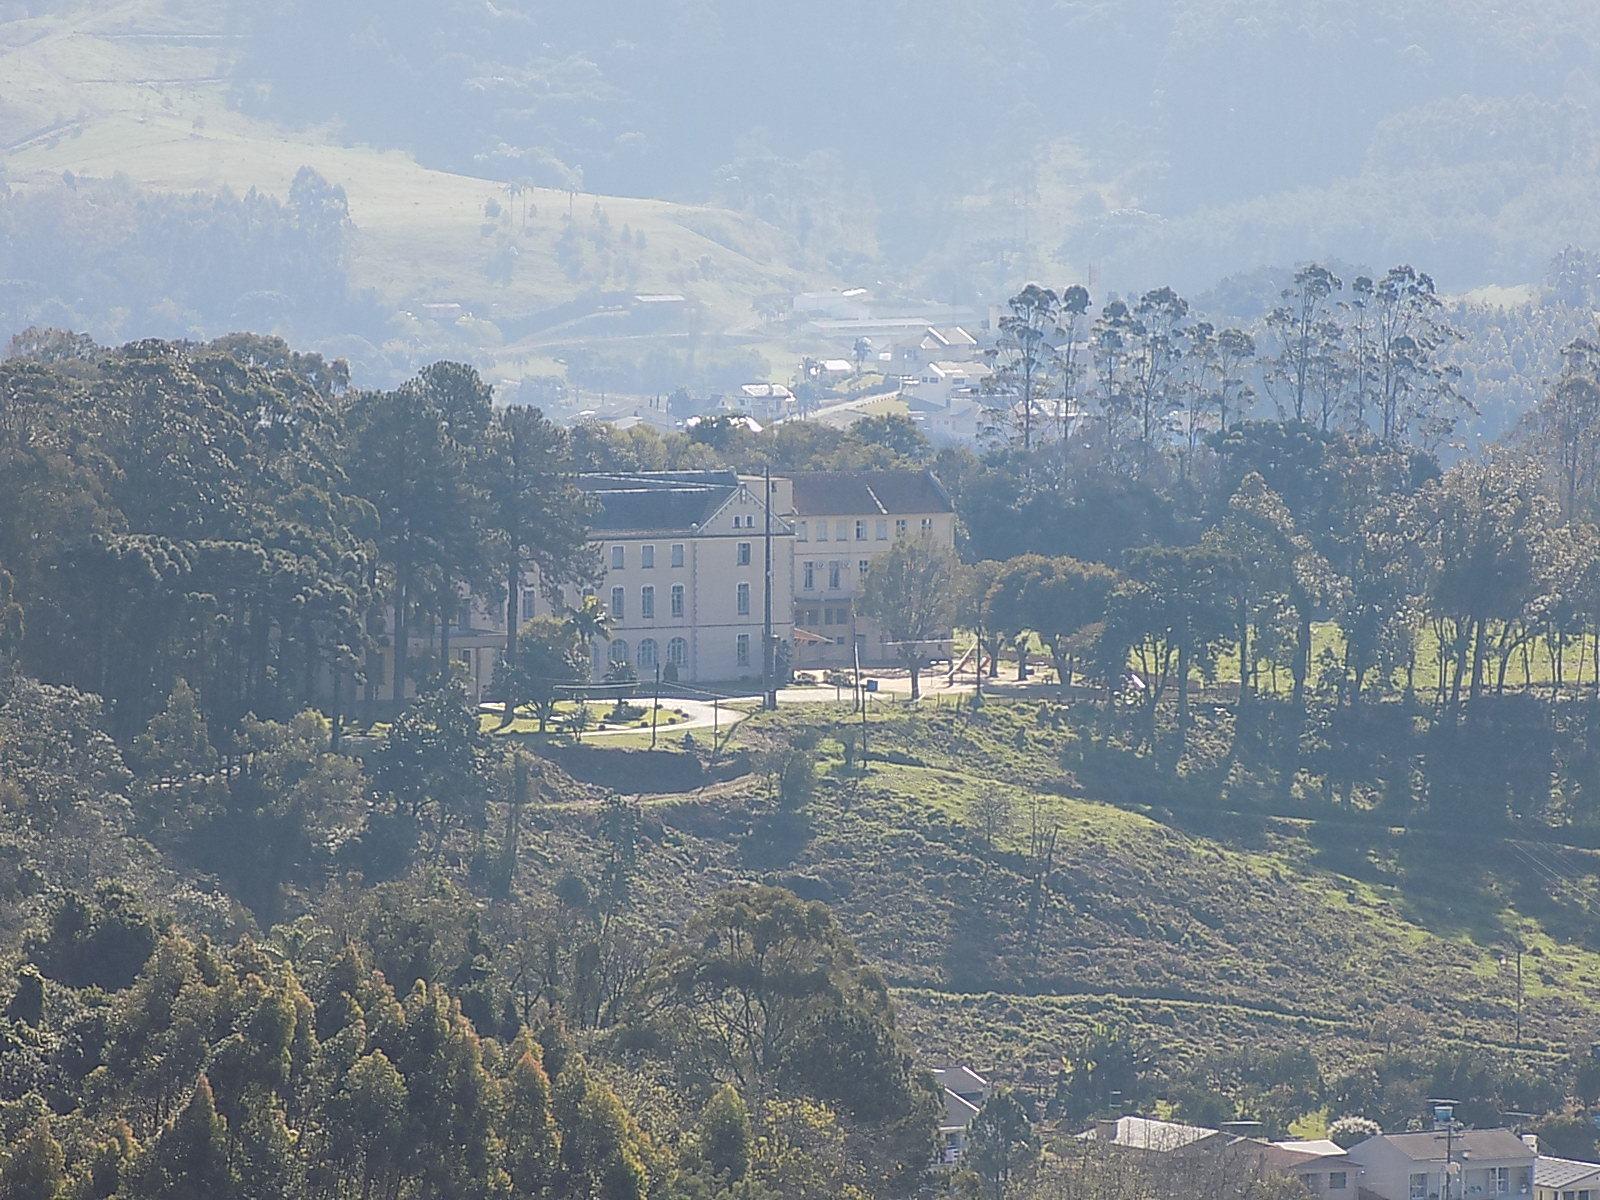 O Colégio Santo Inácio visto da janela de nosso hotel   Foto: Milton Ribeiro